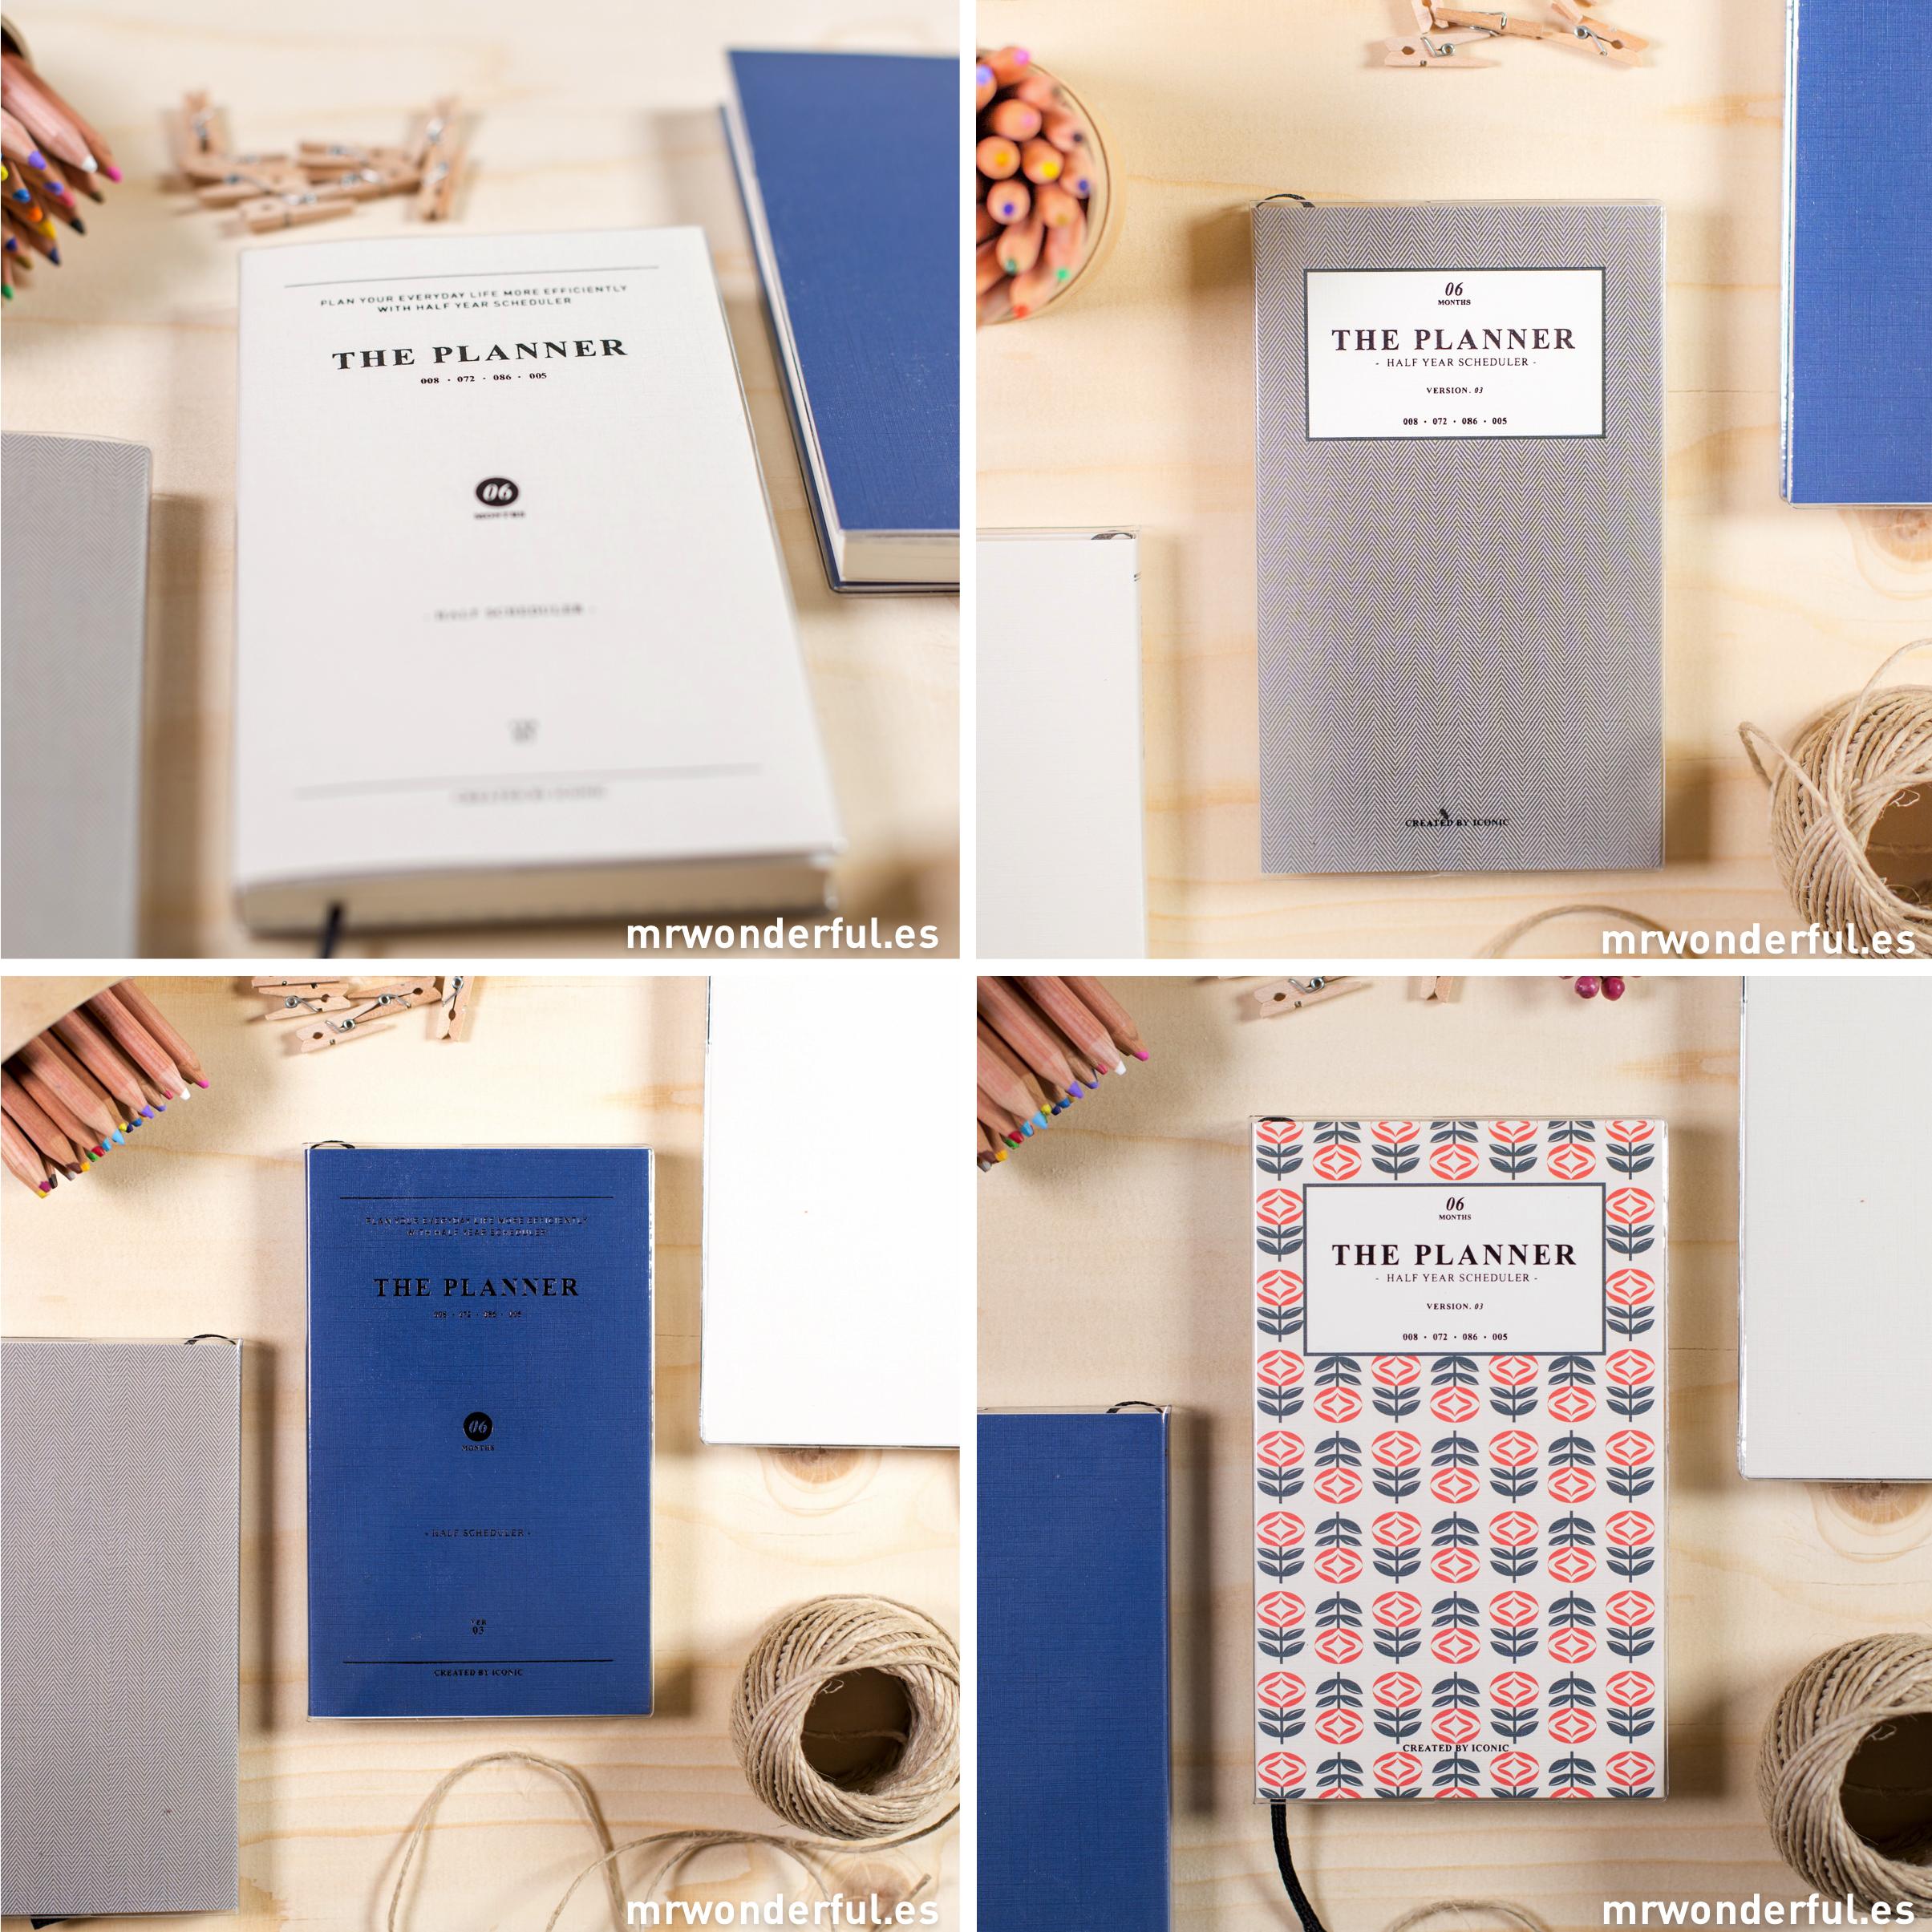 mrwonderful_productos_papeleria_01